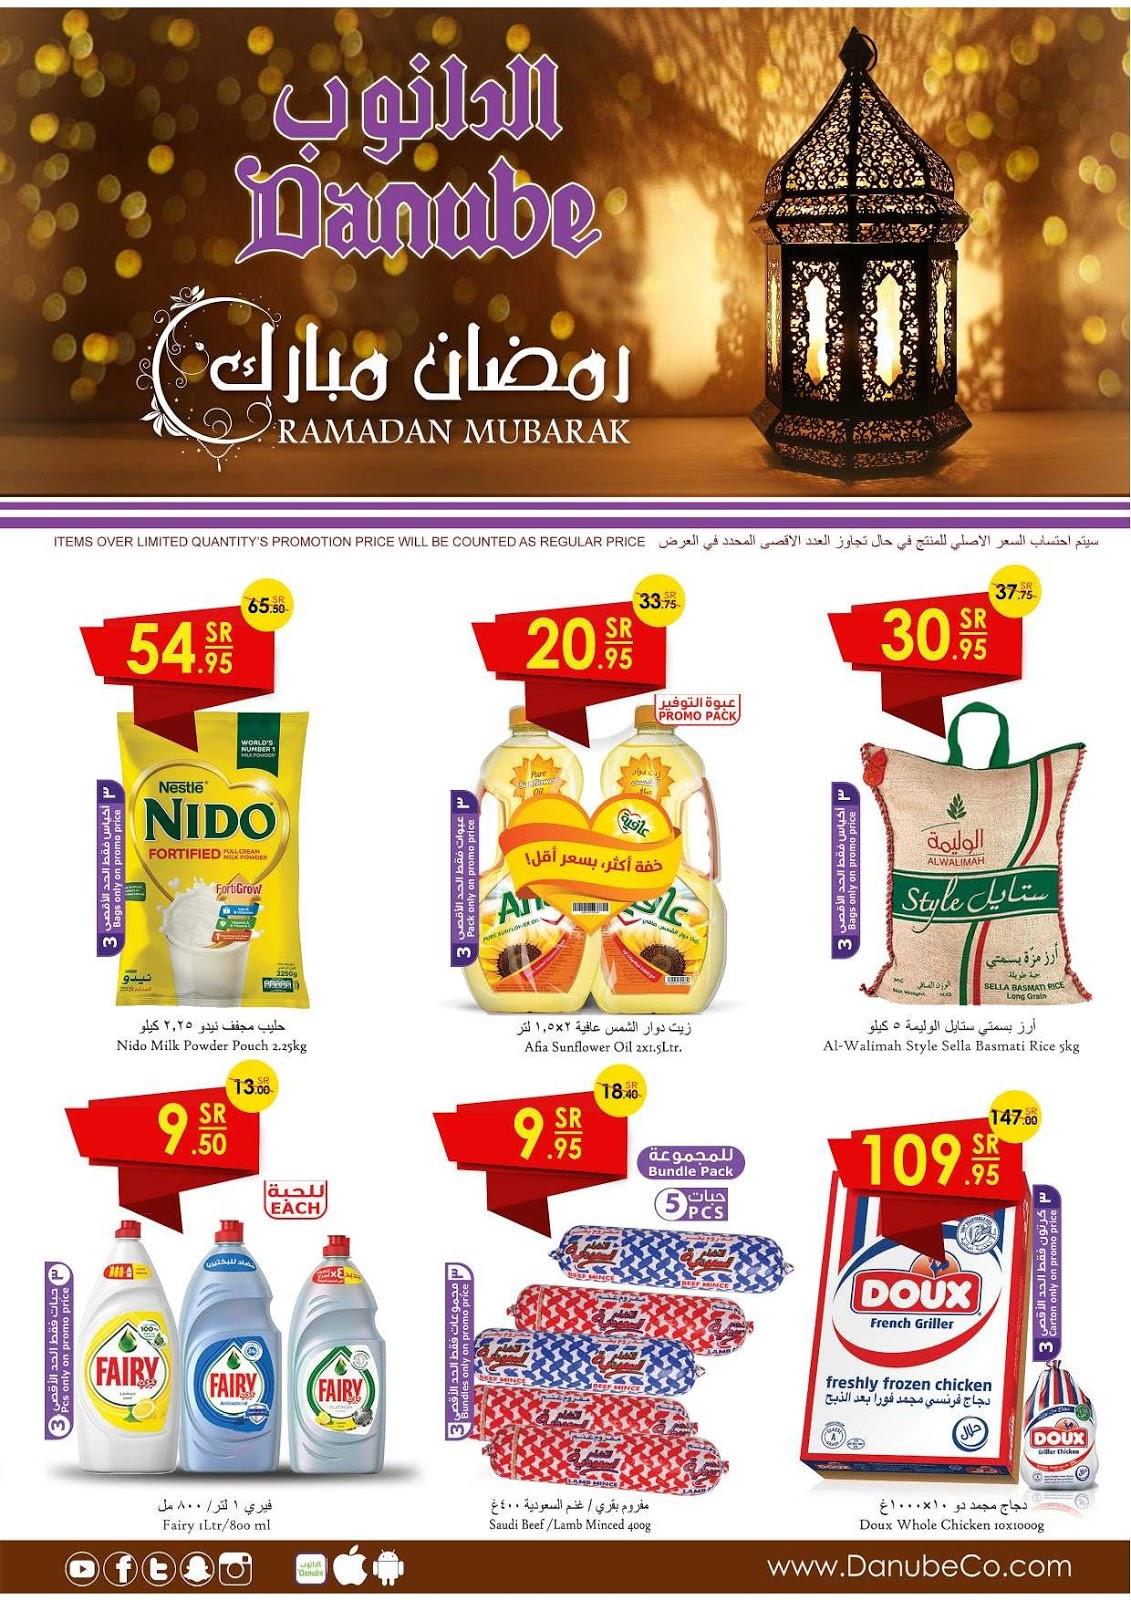 عروض الدانوب الجنوبية الاسبوعية من 25 مارس حتى 31 مارس 2020 رمضان مبارك